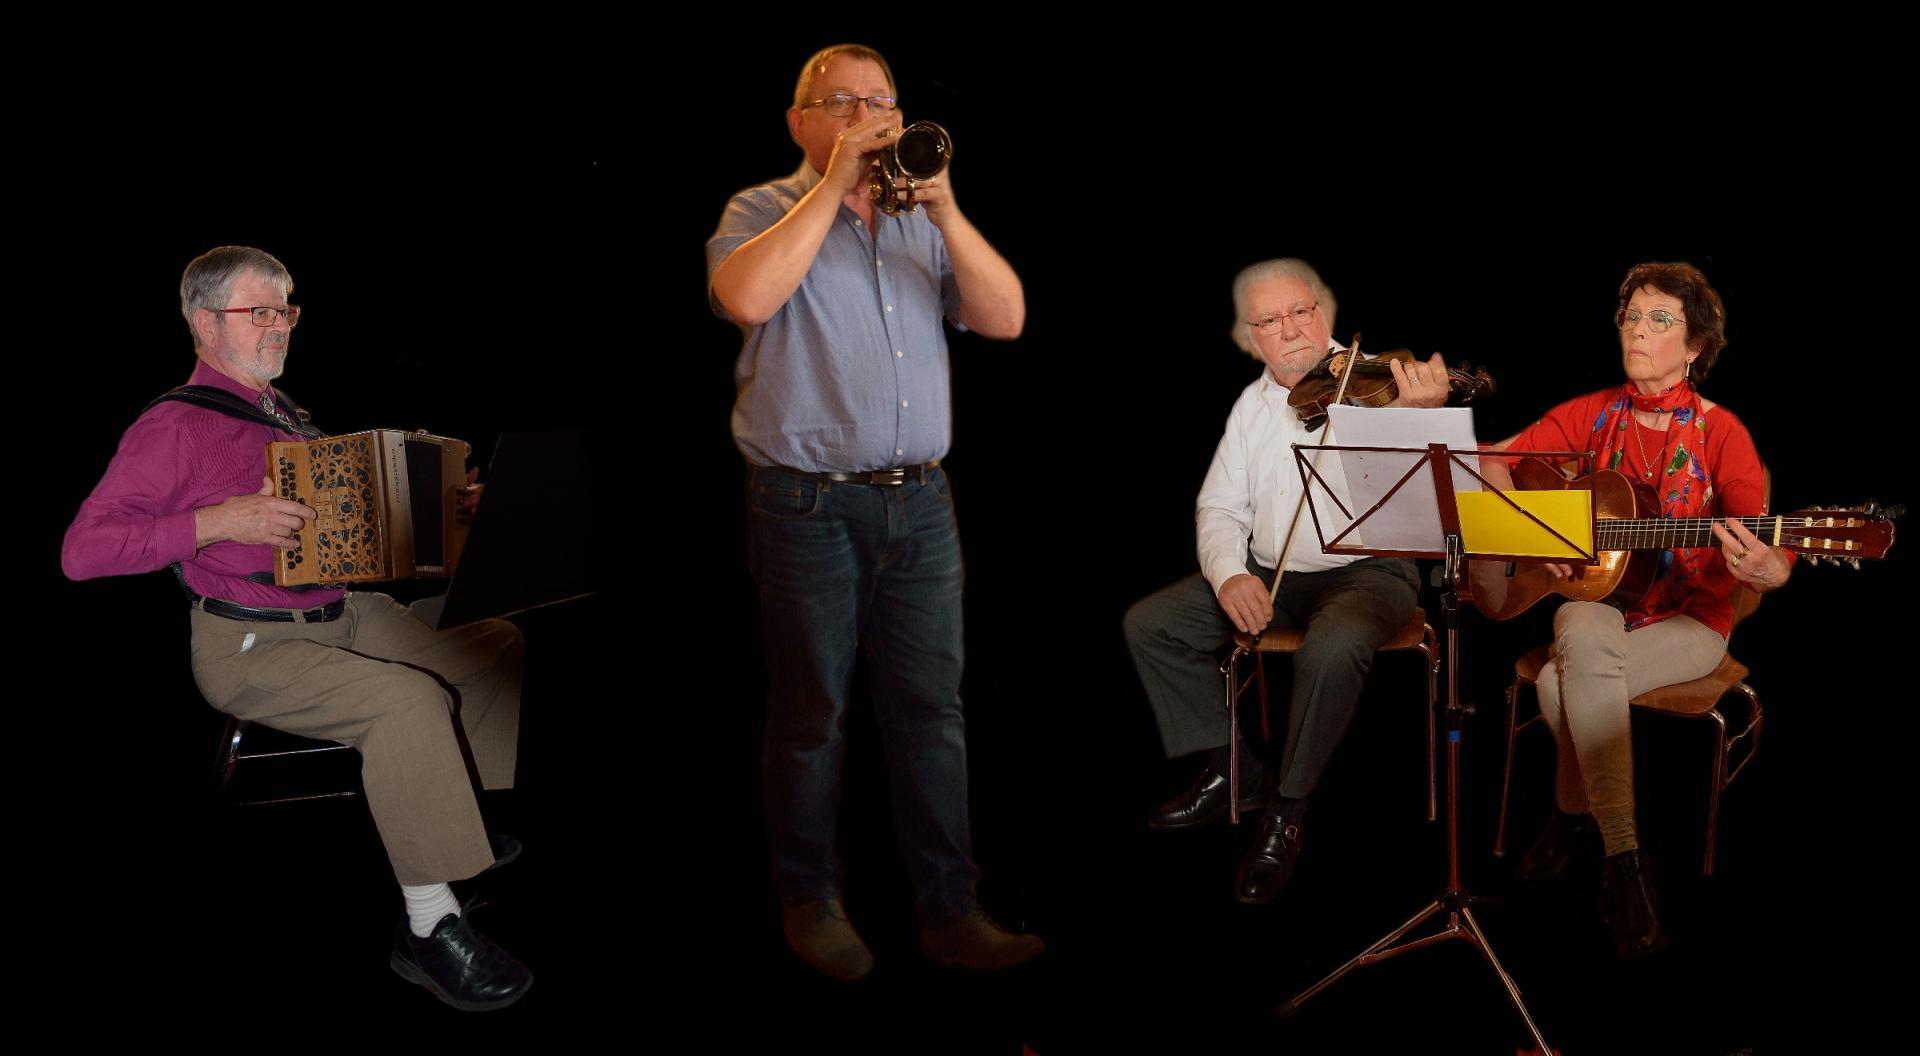 les 4 musiciens-2